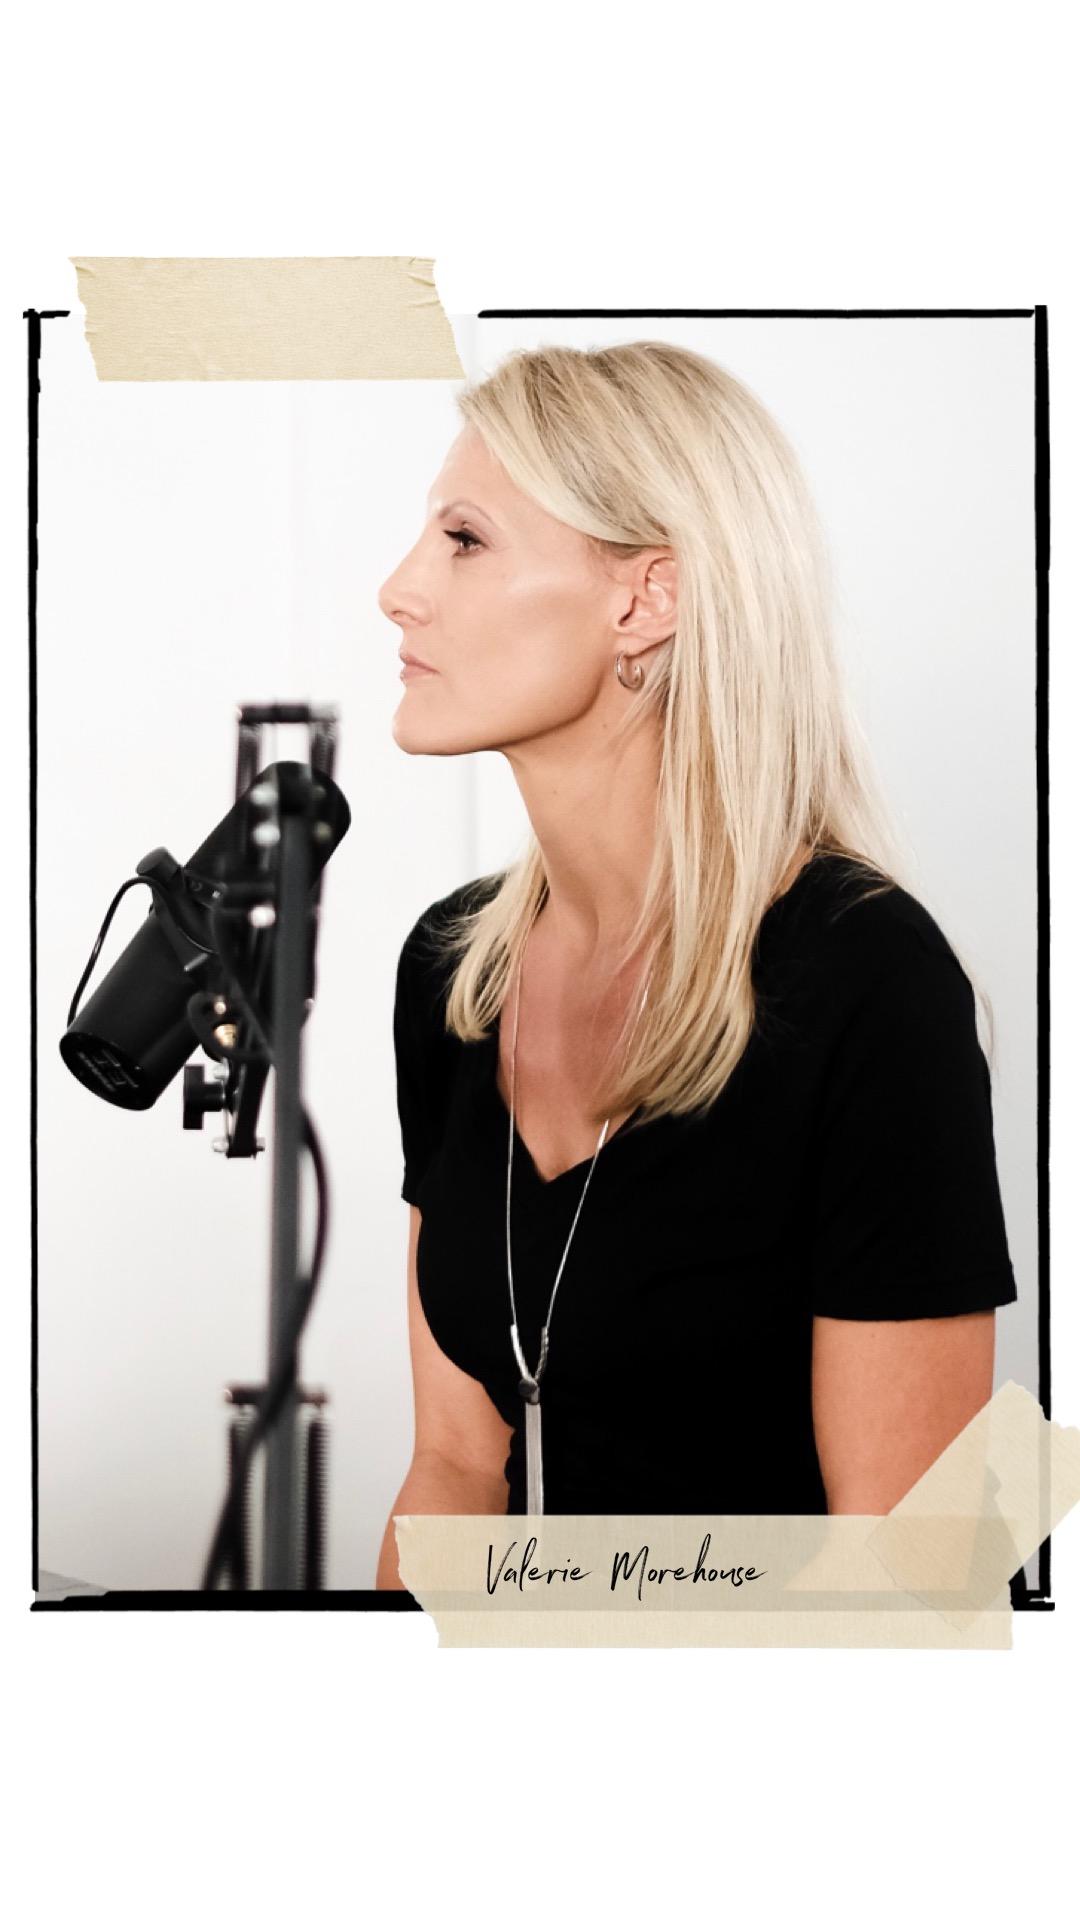 valerie-morehouse-liproll-podcast-host.JPG